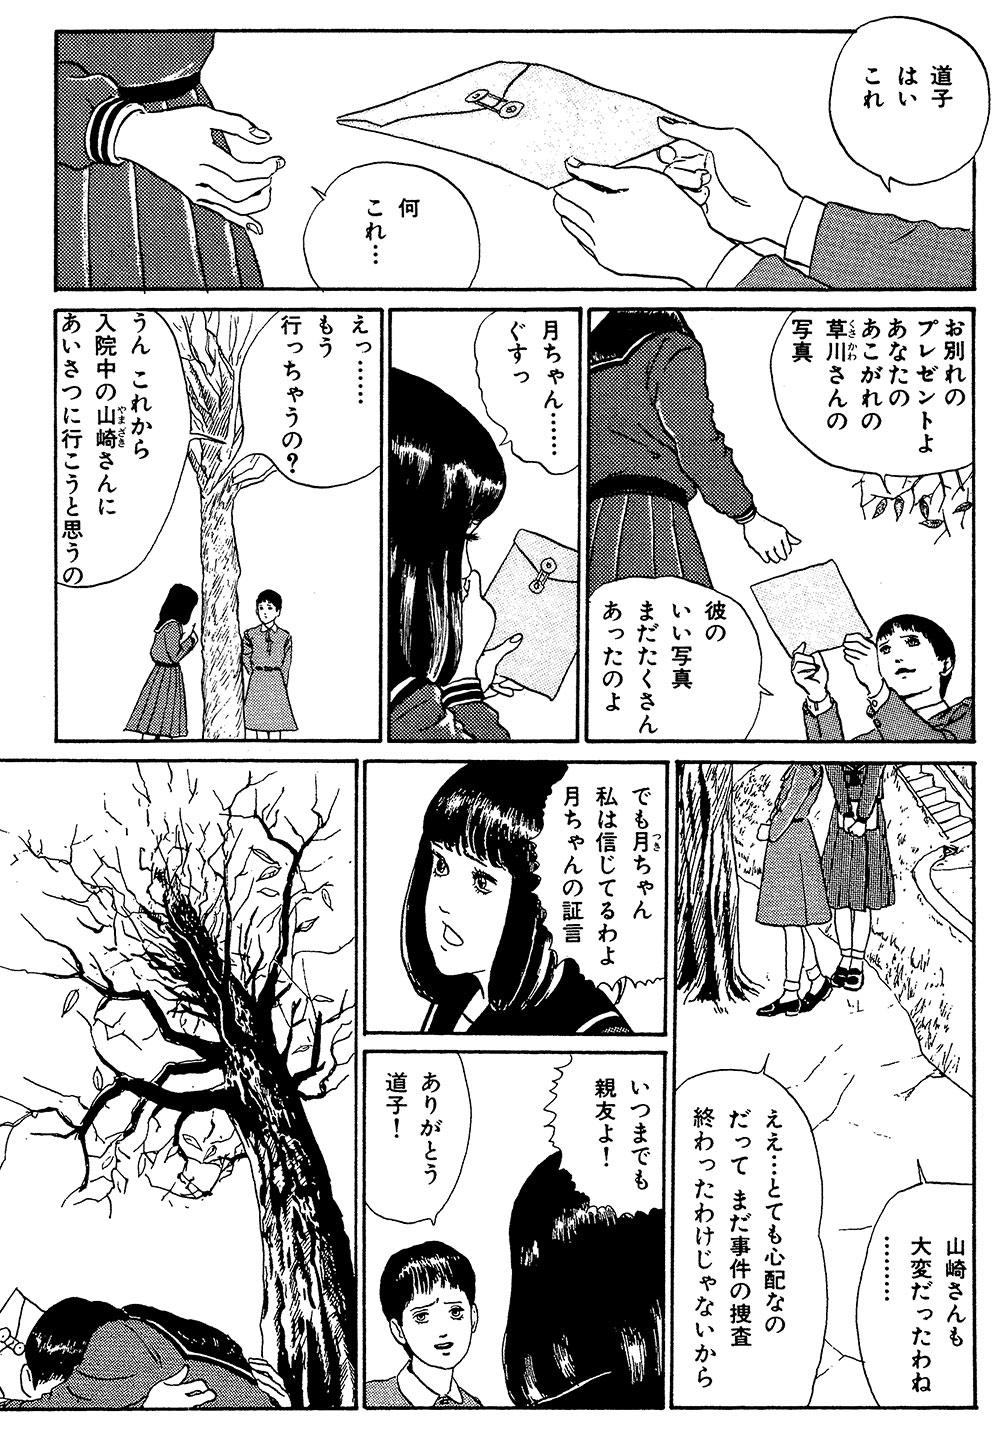 伊藤潤二傑作集 第5話「富江 接吻」⑤junji19-06.jpg